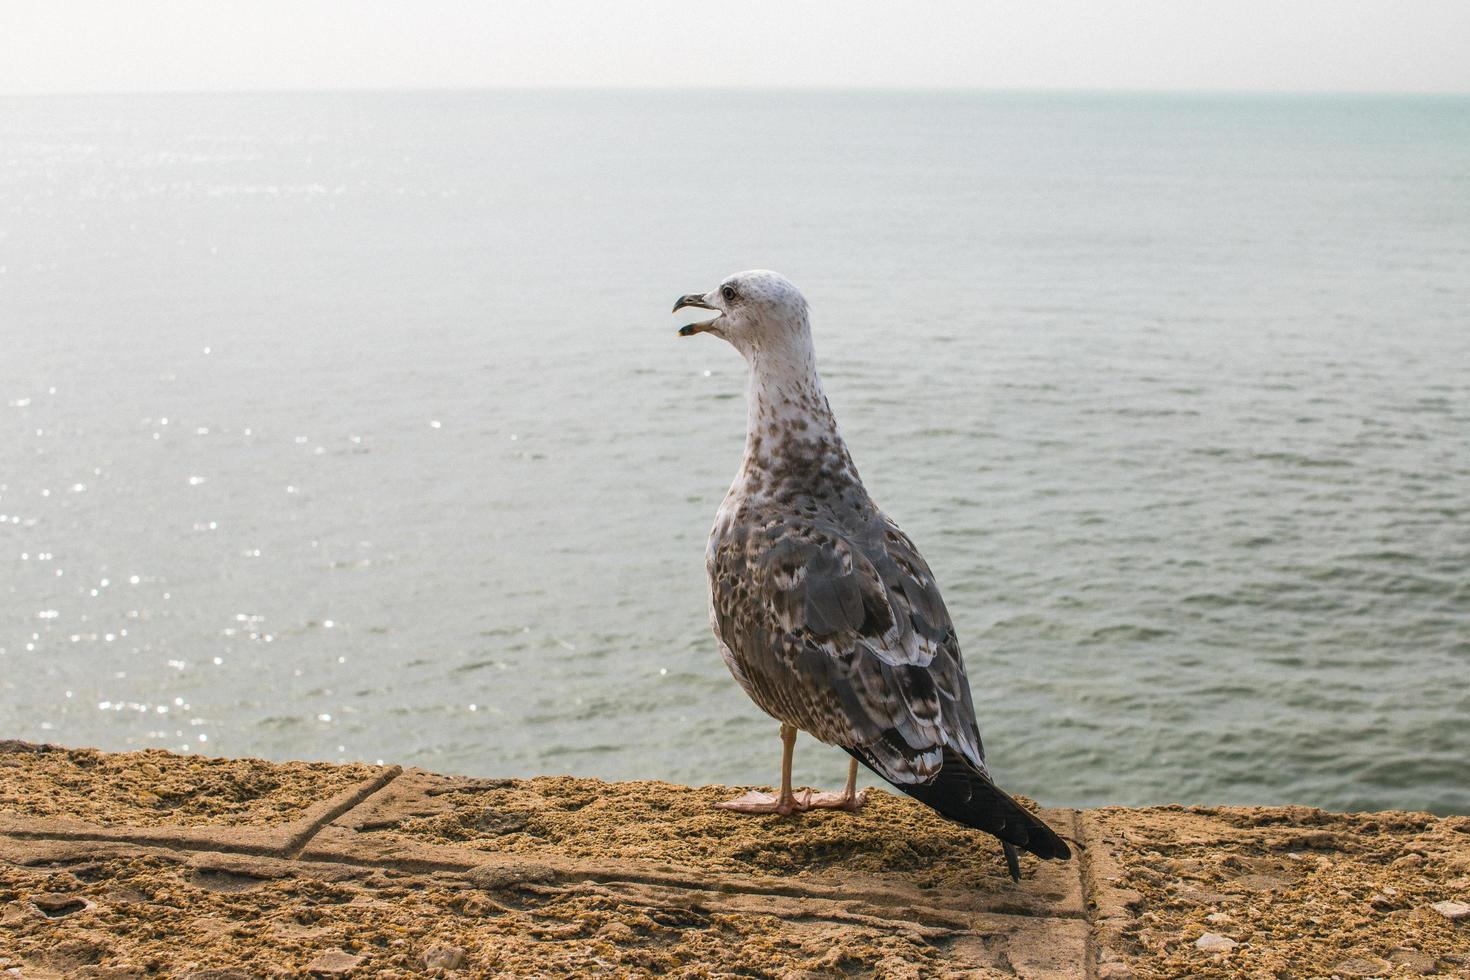 gaviota de pie en la pared cerca del océano foto